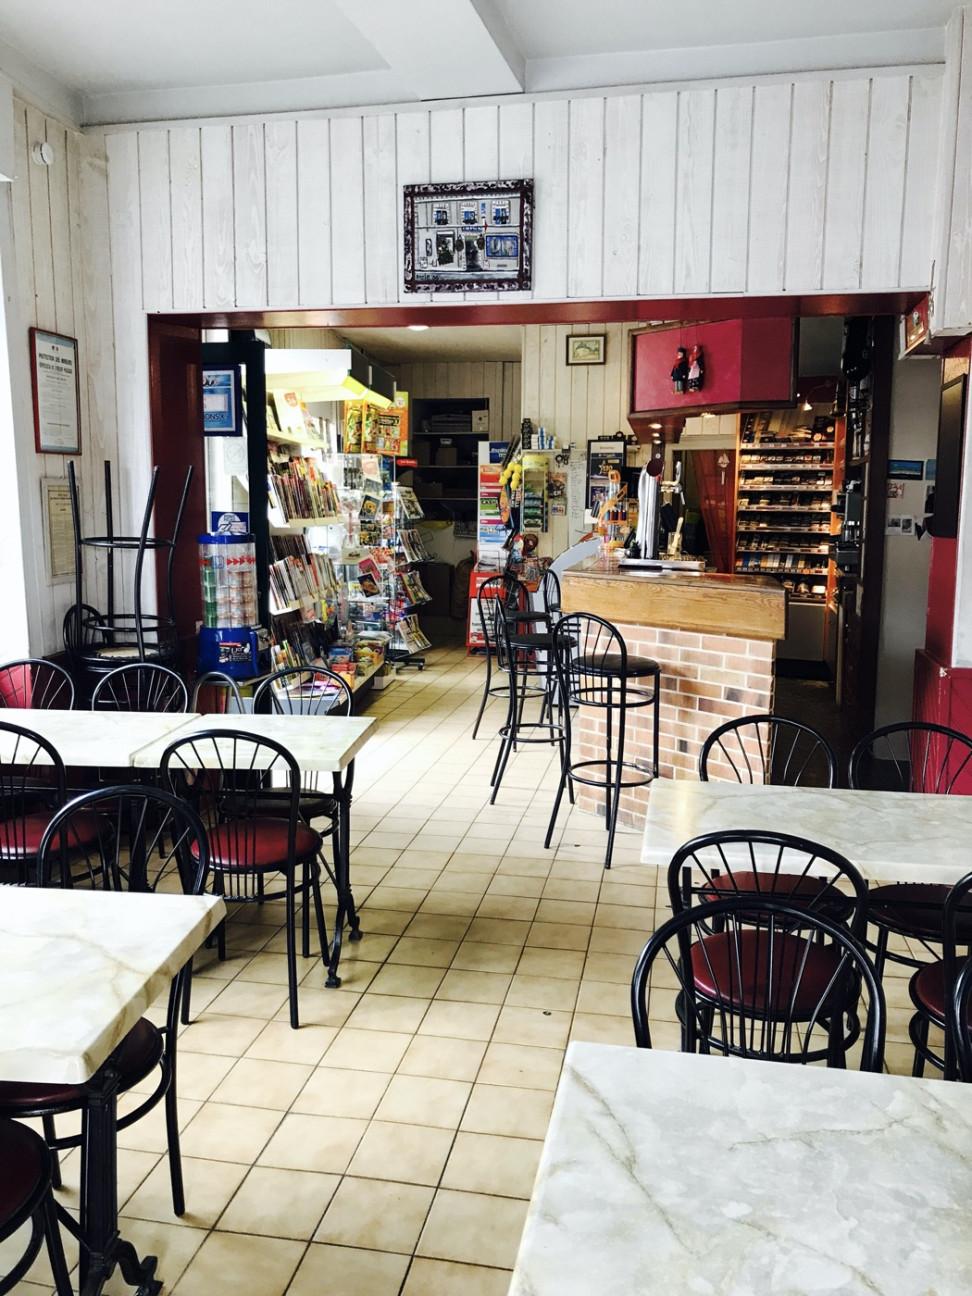 Bar Tabac Presse FDJ Relais colis